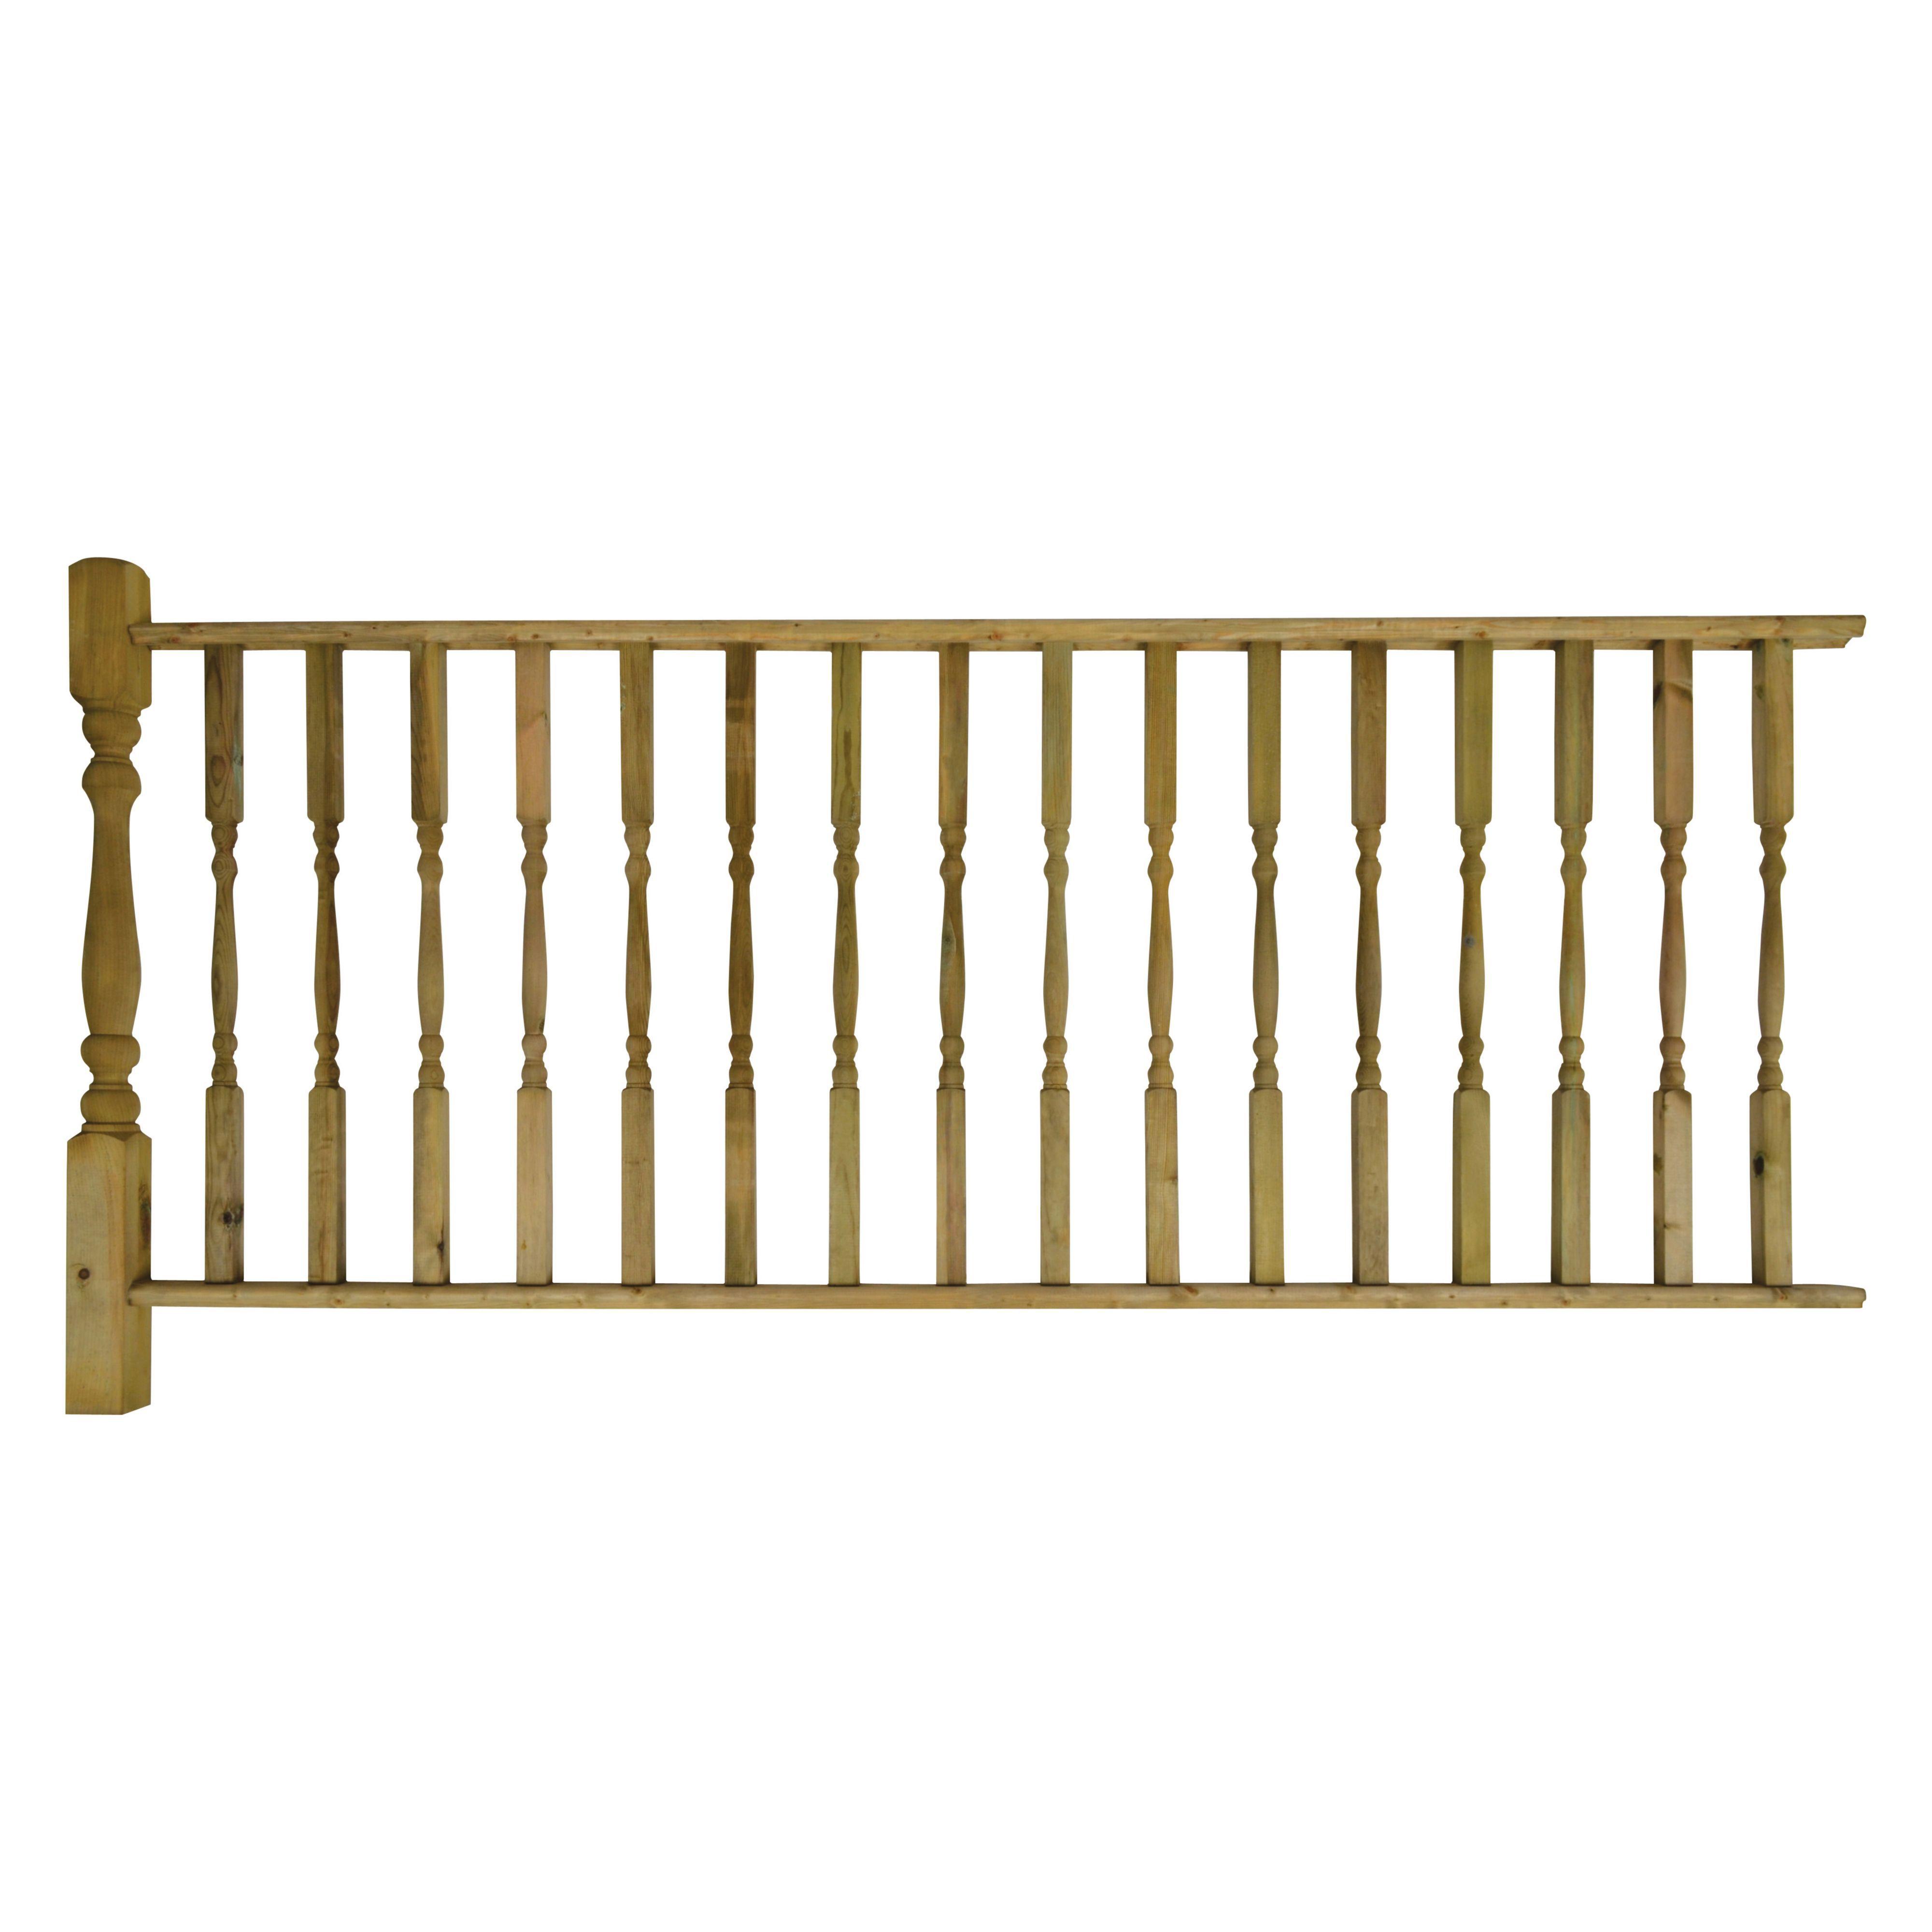 decking railing kits decking accessories decking On garden decking kits b q